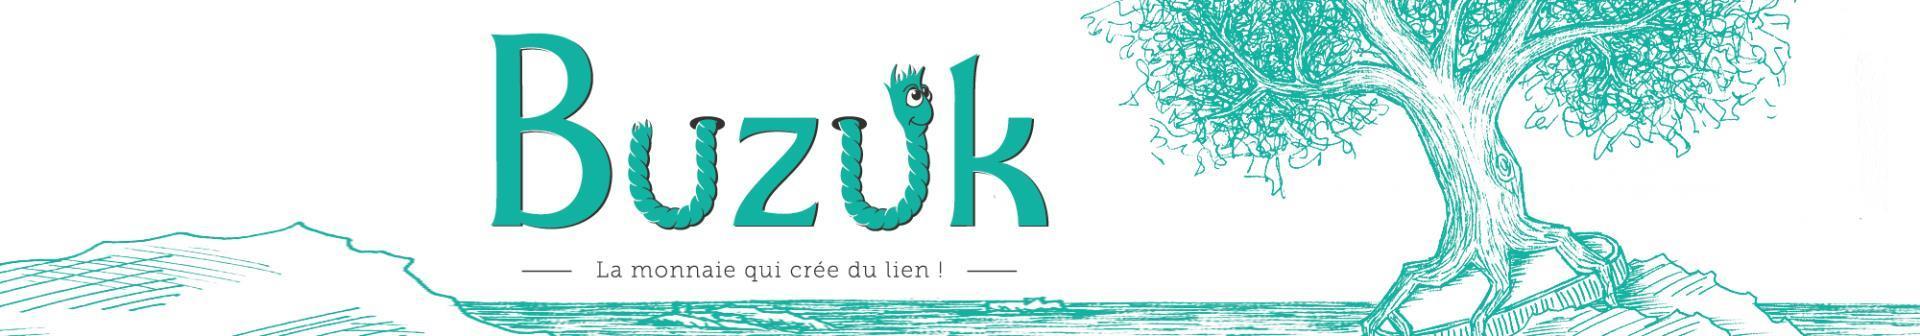 / réadhésion au BUZUK en 2019 - Association pour une monnaie locale complémentaire sur le pays de Morlaix - Le Buzuk